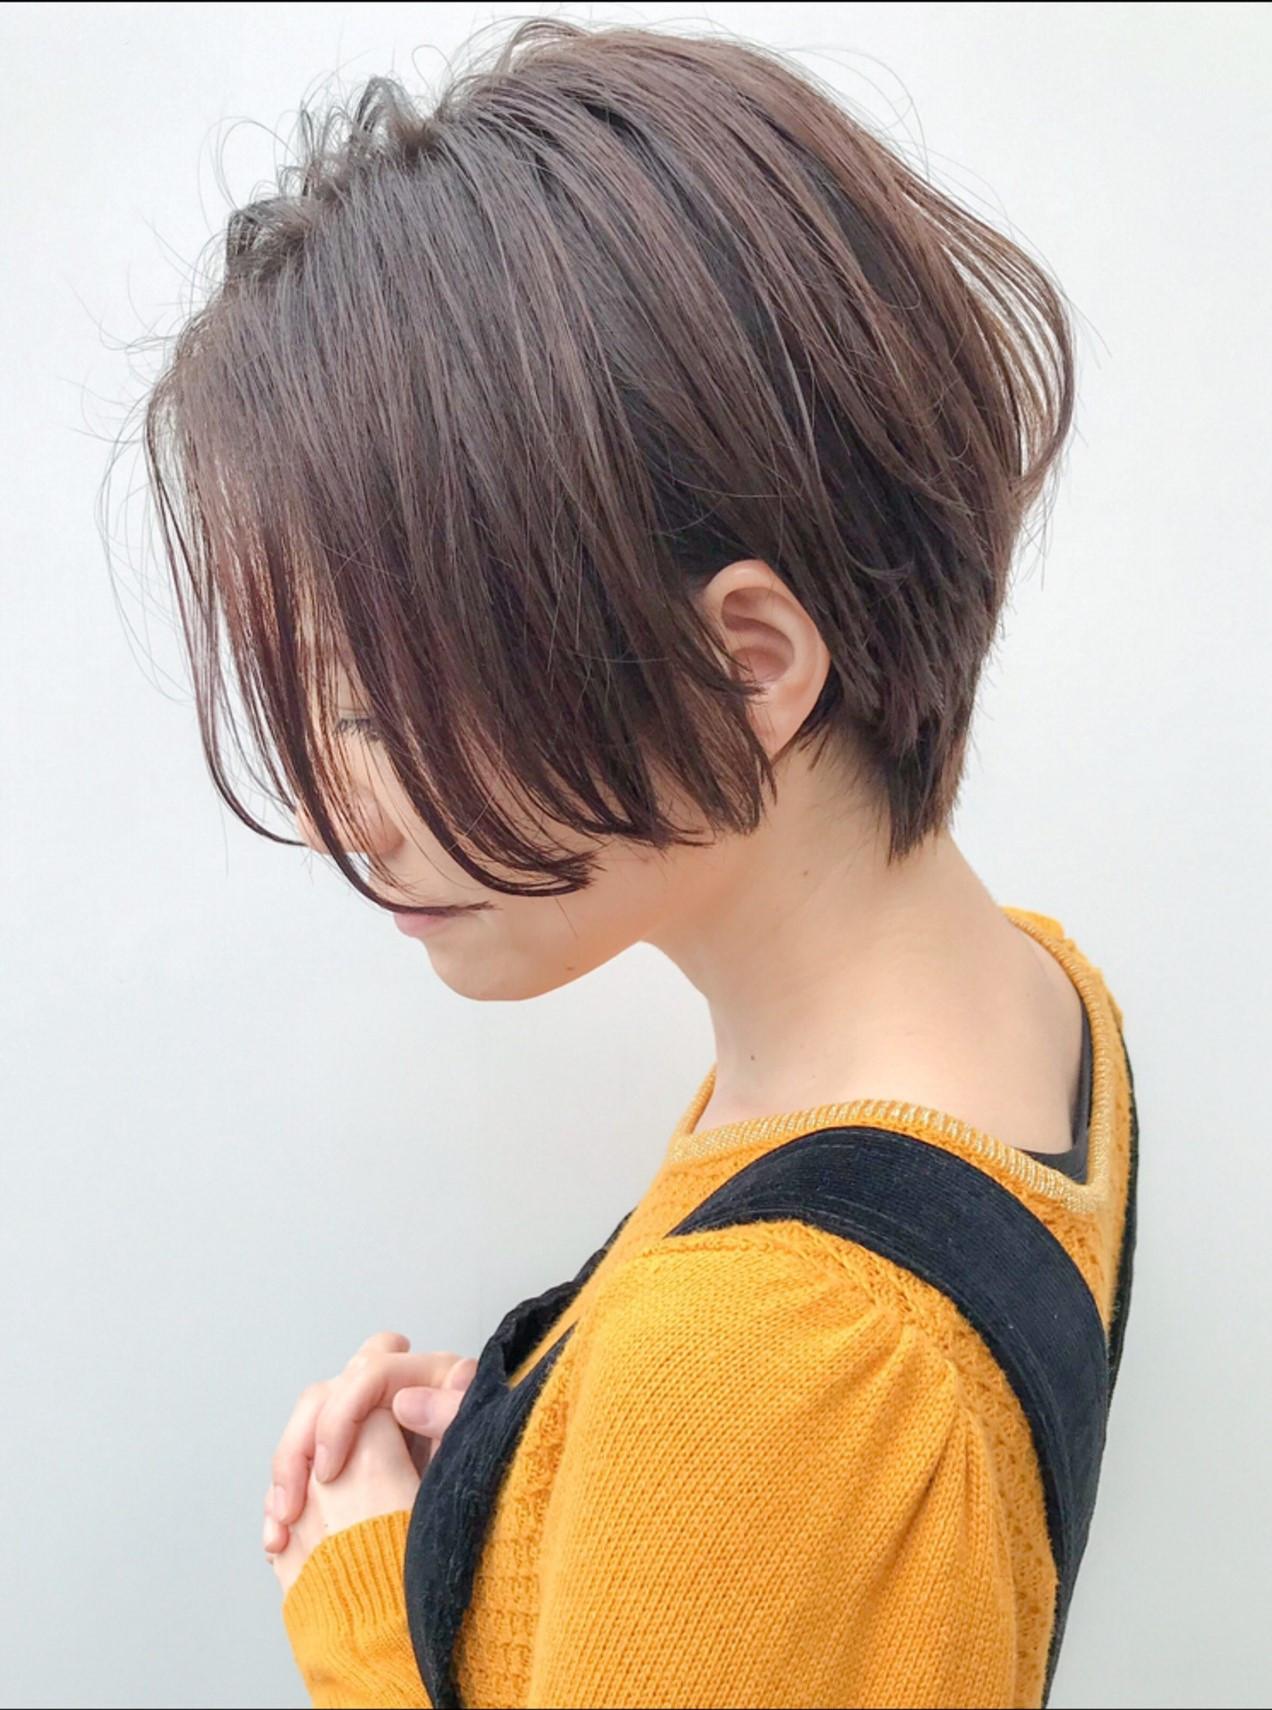 ハンサムショート アウトドア イルミナカラー コンサバ ヘアスタイルや髪型の写真・画像